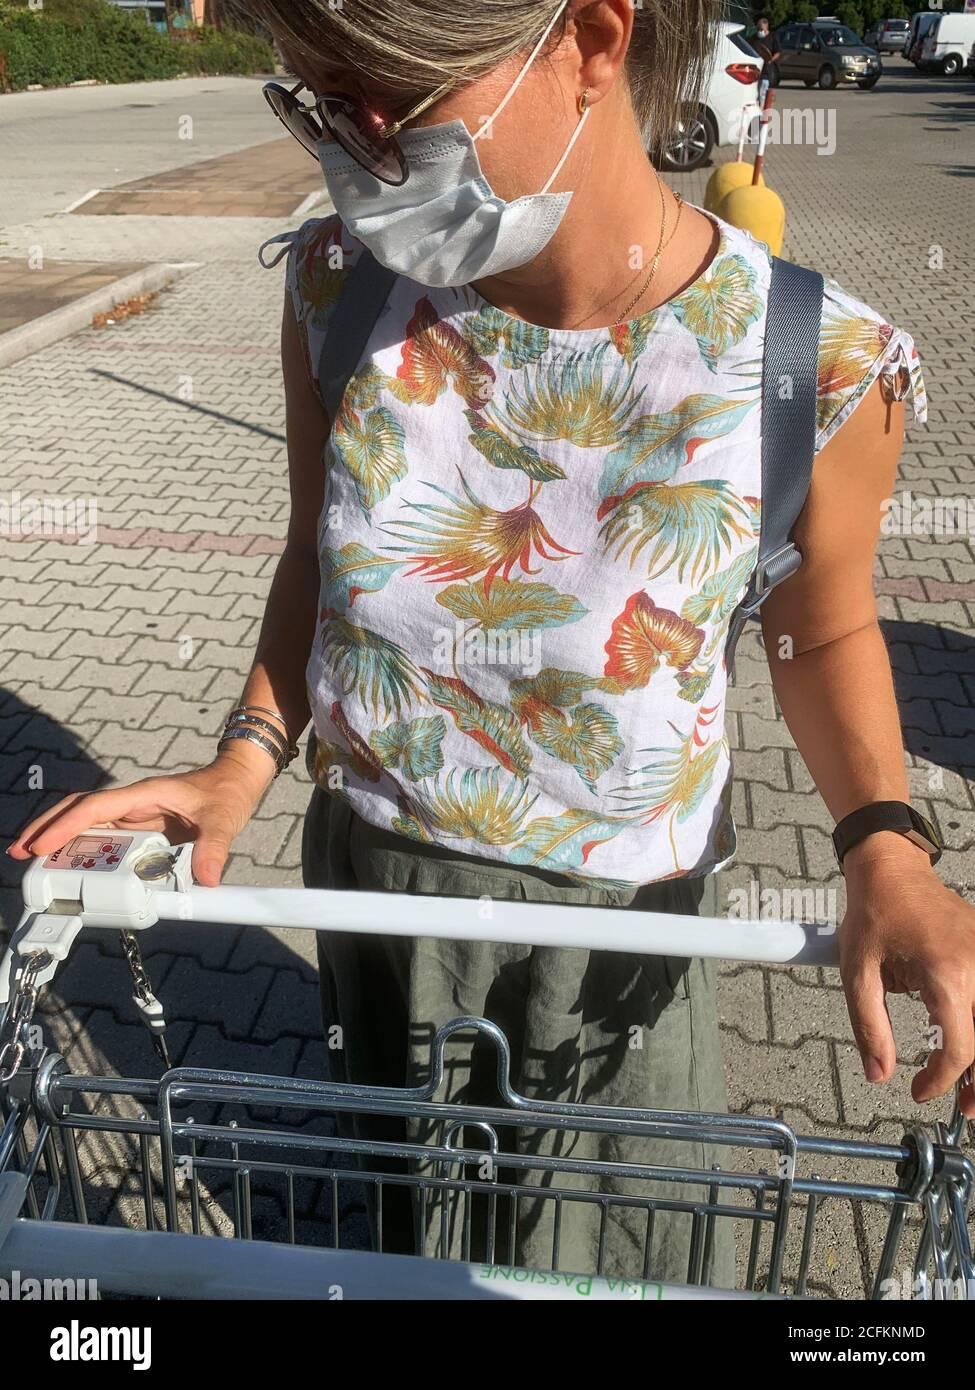 Covid-19. Frau trägt schützende Gesichtsmaske unter Warenkorb im Supermarkt. Stockfoto